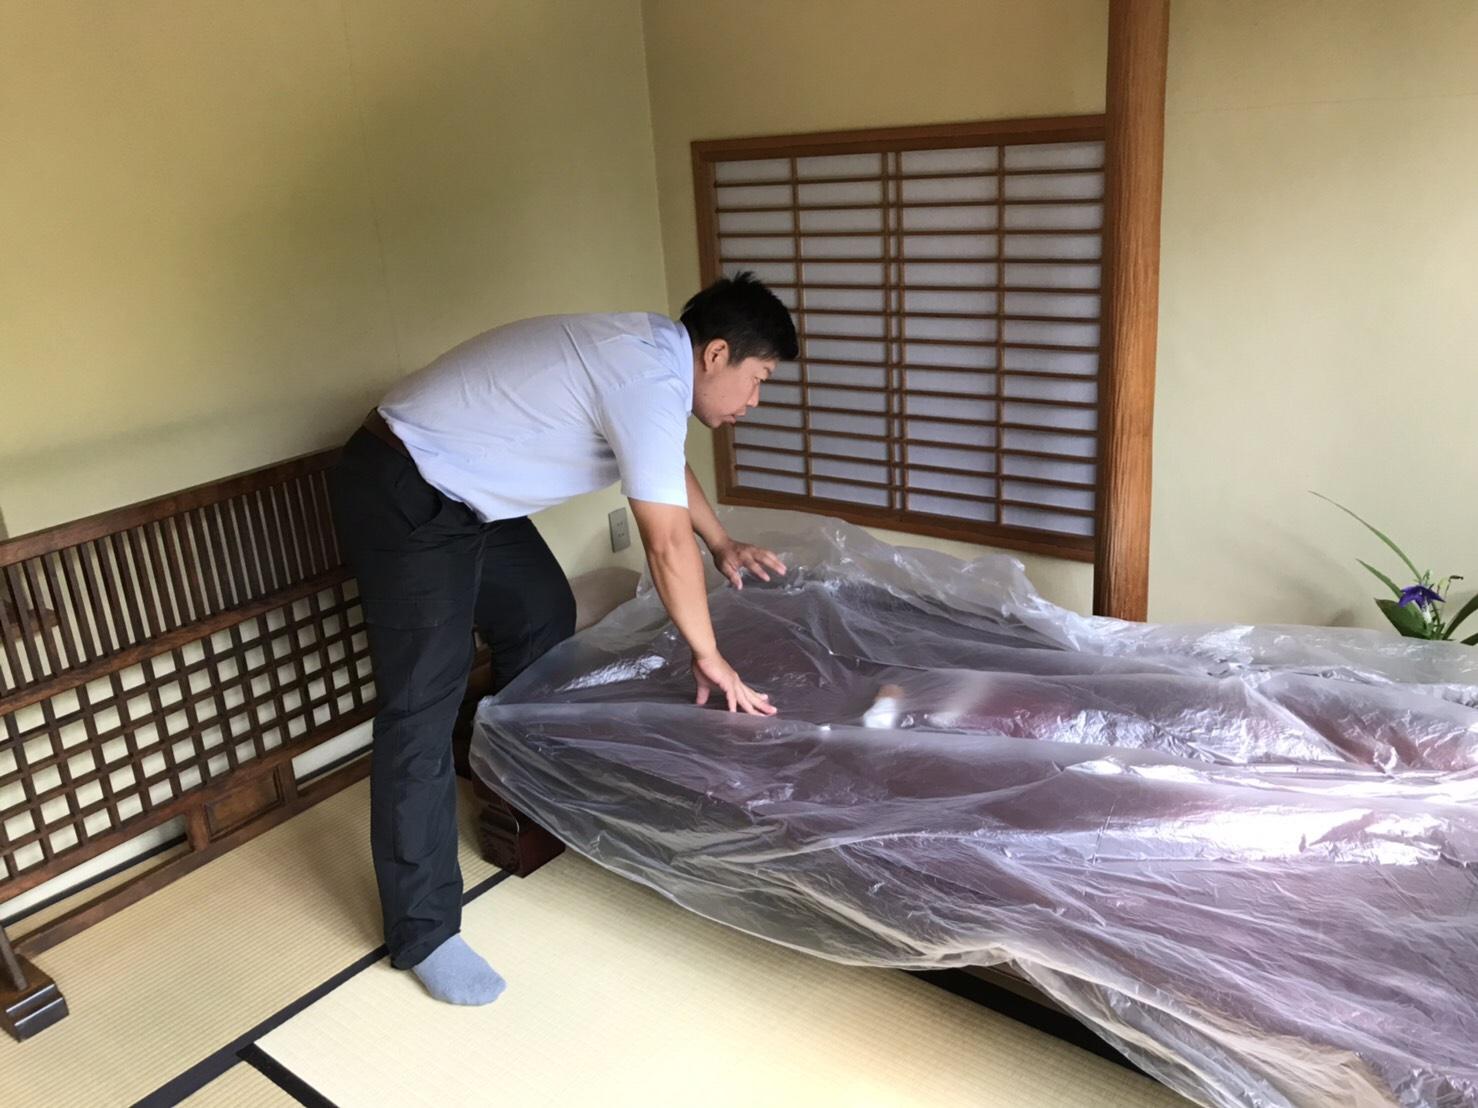 リピート!柳川市老舗うなぎ屋さん業務用エアコン清掃